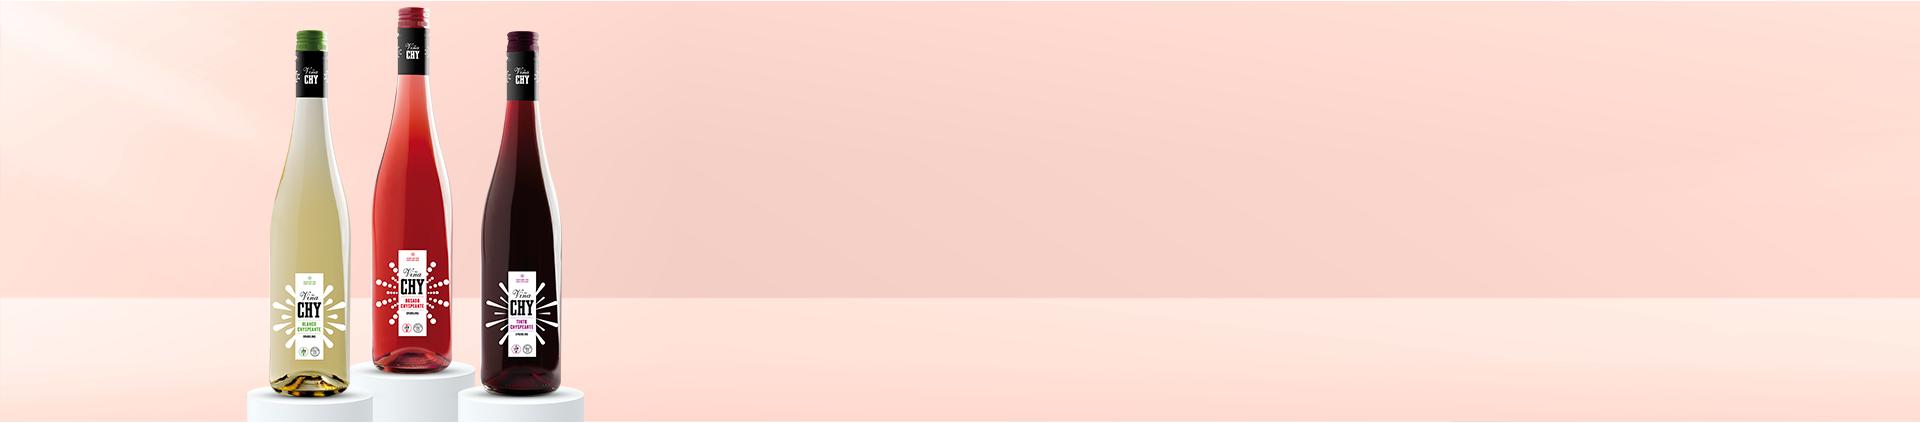 Comprar Vinos y Cerveza - Encuentra la selección de las mejores marcas